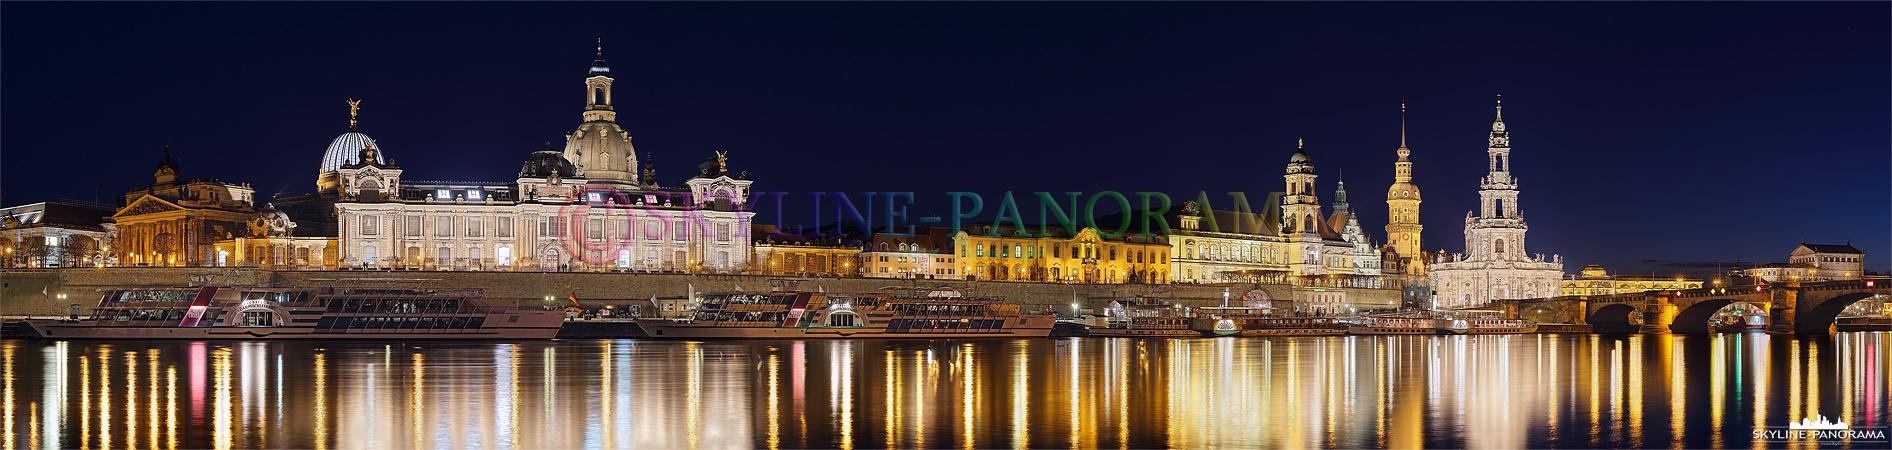 Den schönsten Blick auf das einzigartige Dresden Panorama hat man vom Elbufer zwischen Carolabrücke und Augustusbrücke aus.